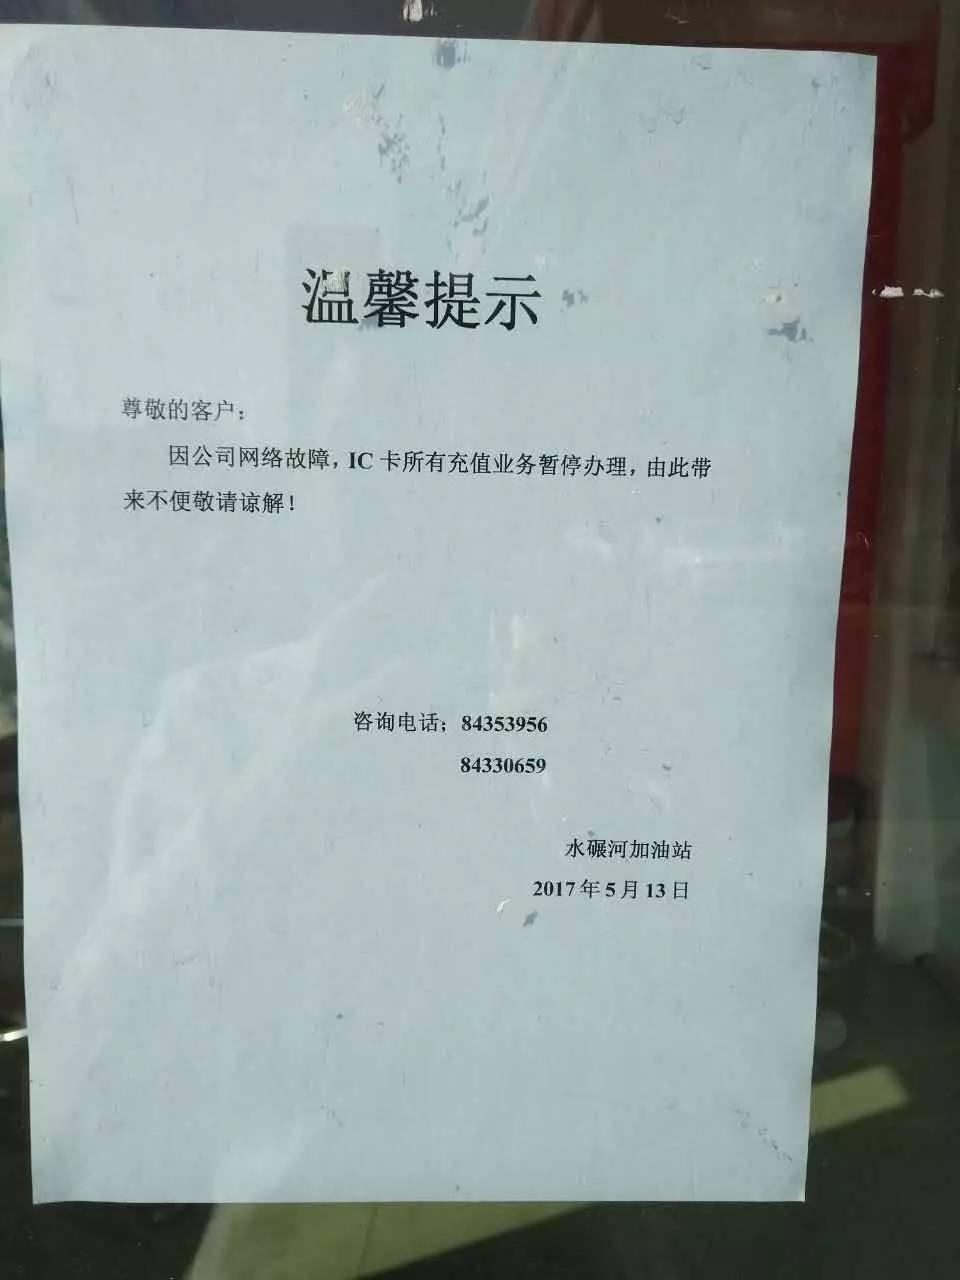 ▲5月13日上午,成都一家加油站贴出充值业务暂定办理的通知。每经记者 朱万平 摄